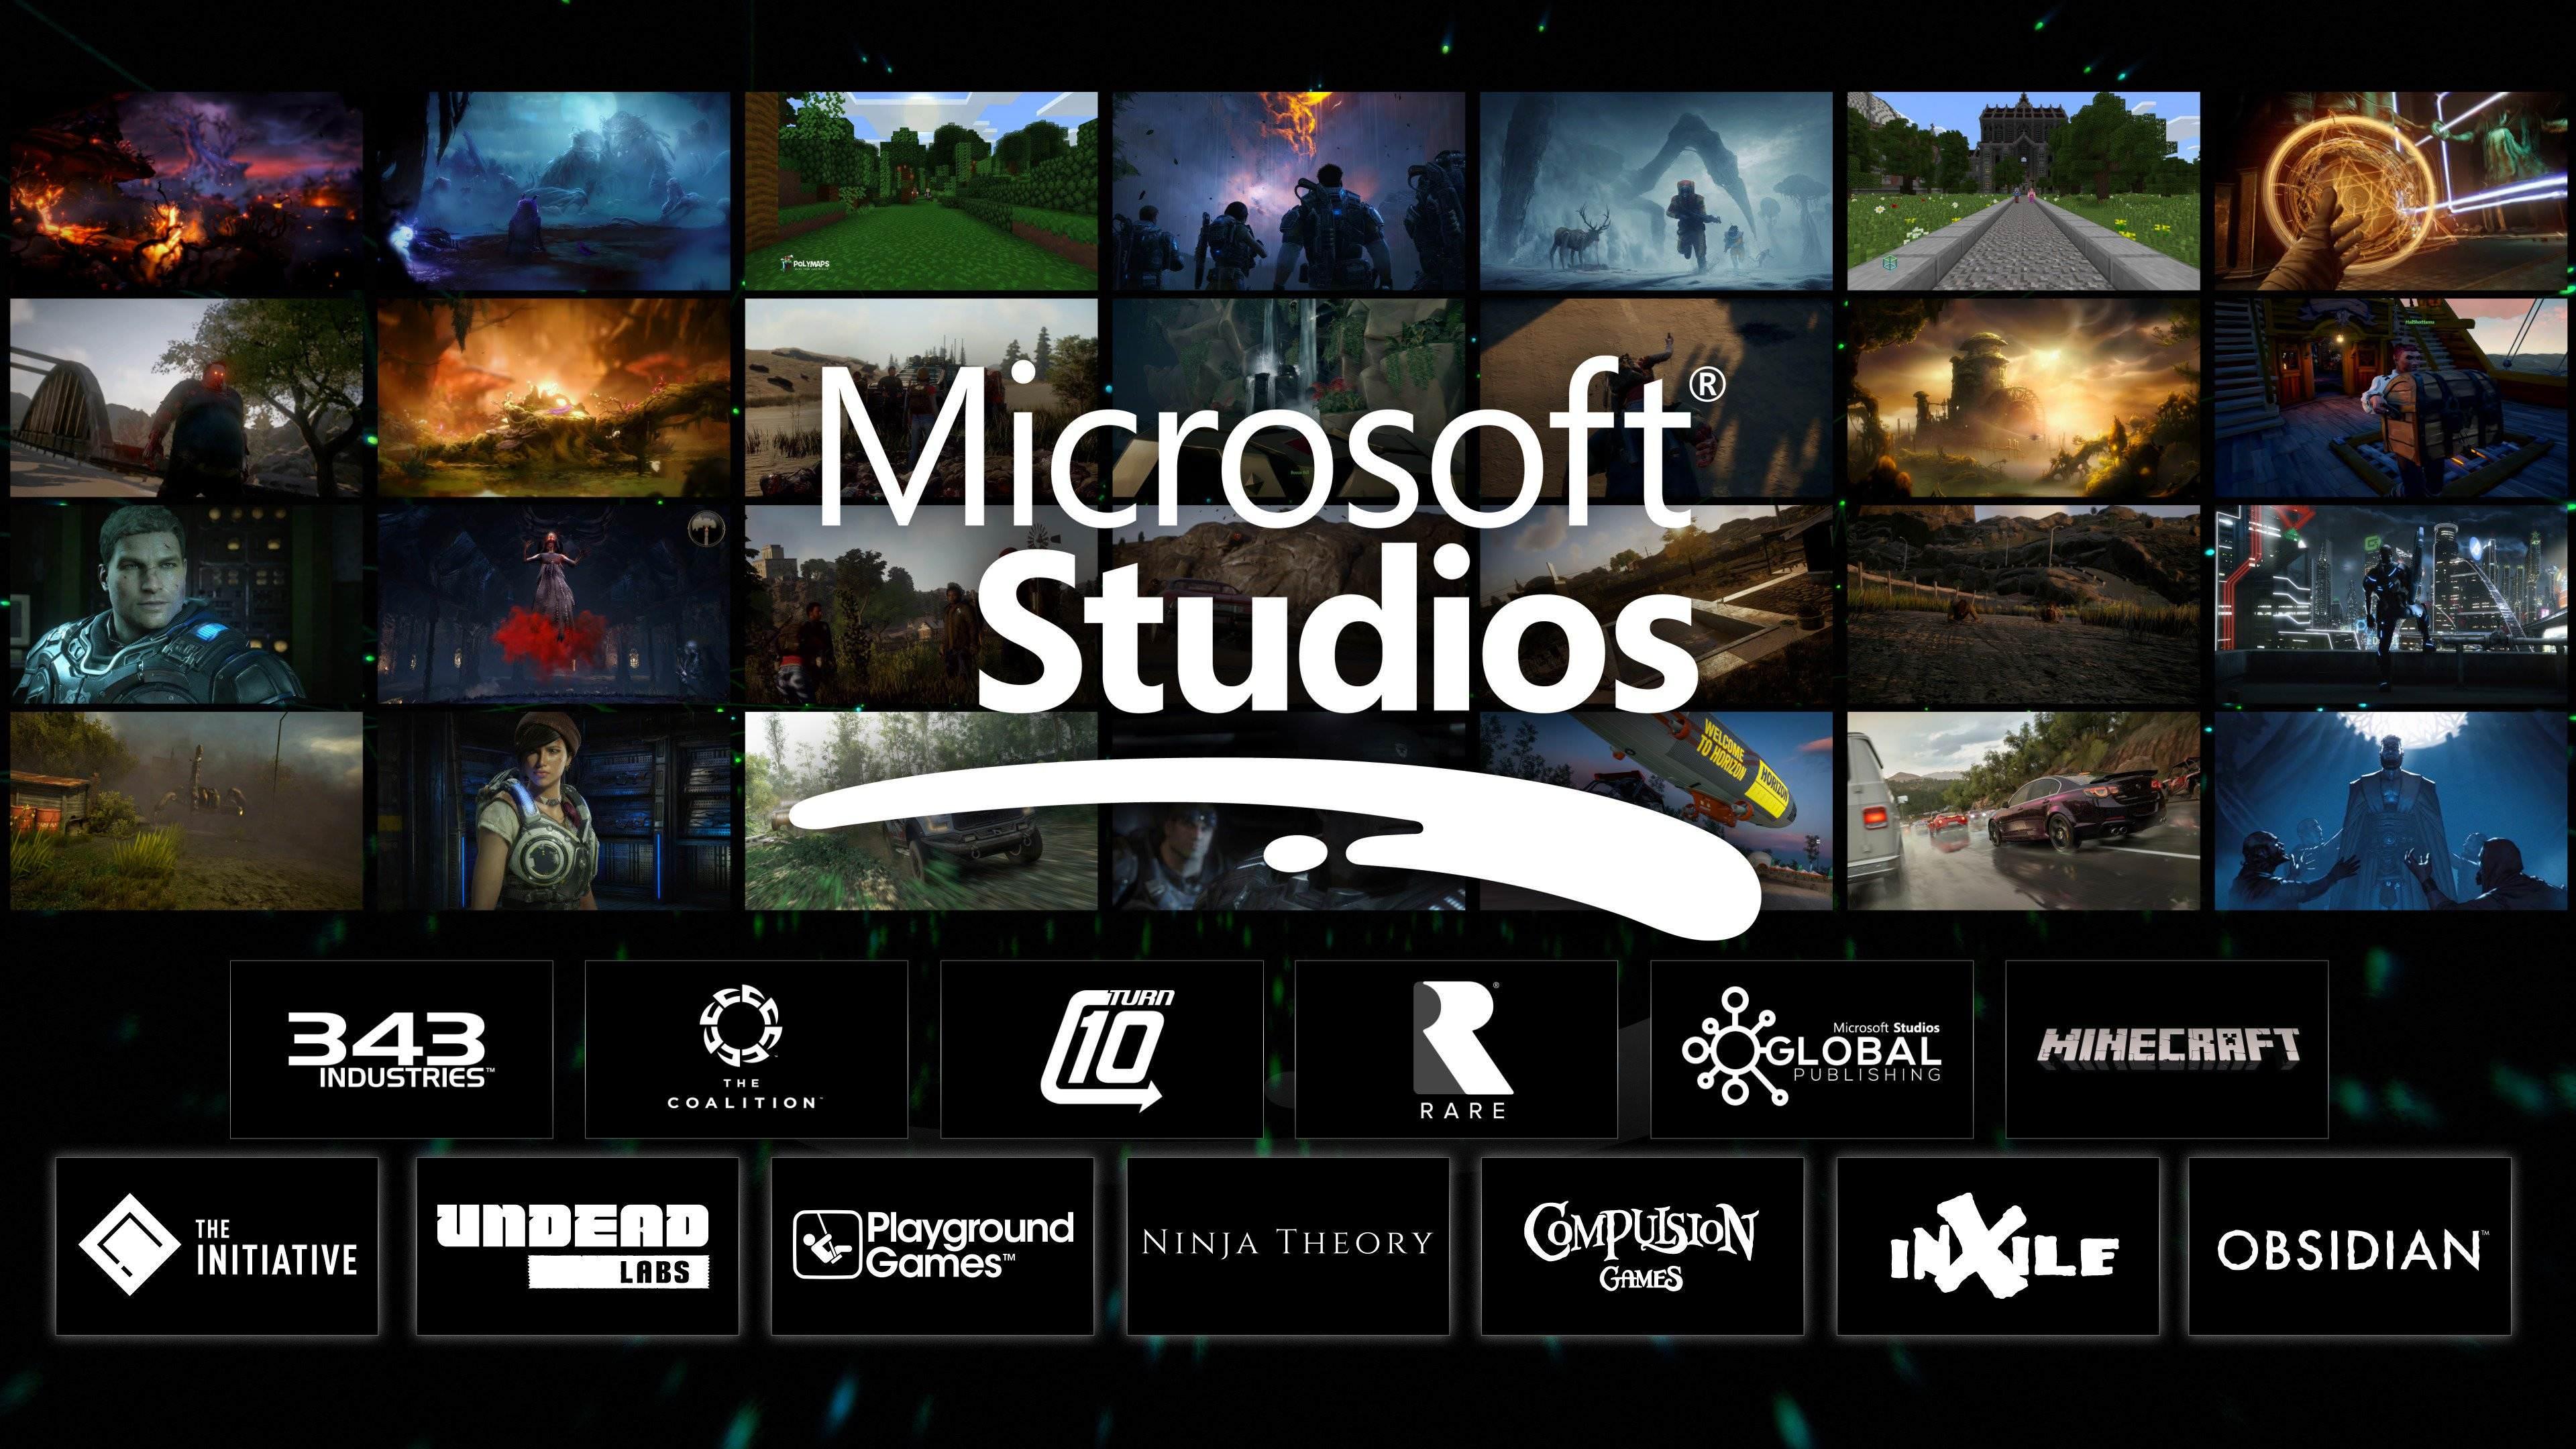 【朗報】マイクロソフト、新たにinXile EntertainmentとObsidian Entertainment の2つのスタジオを買収